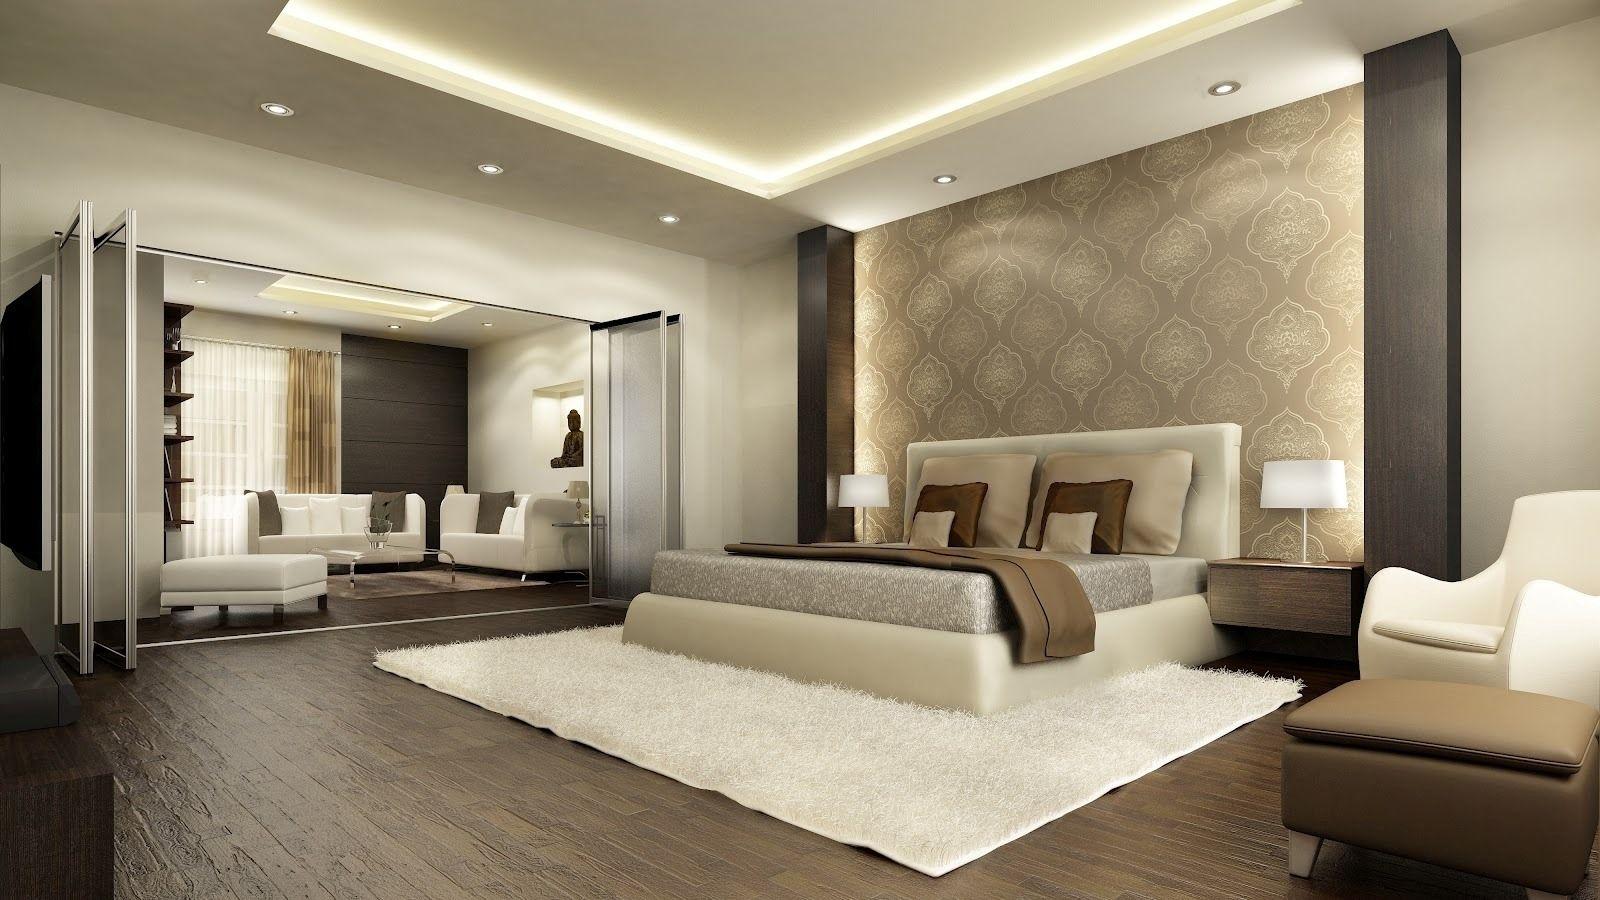 10 Modern Luxury Master Bedroom Designs For Your Home Dormitorios Principales Diseno Dormitorio Principal Dormitorios